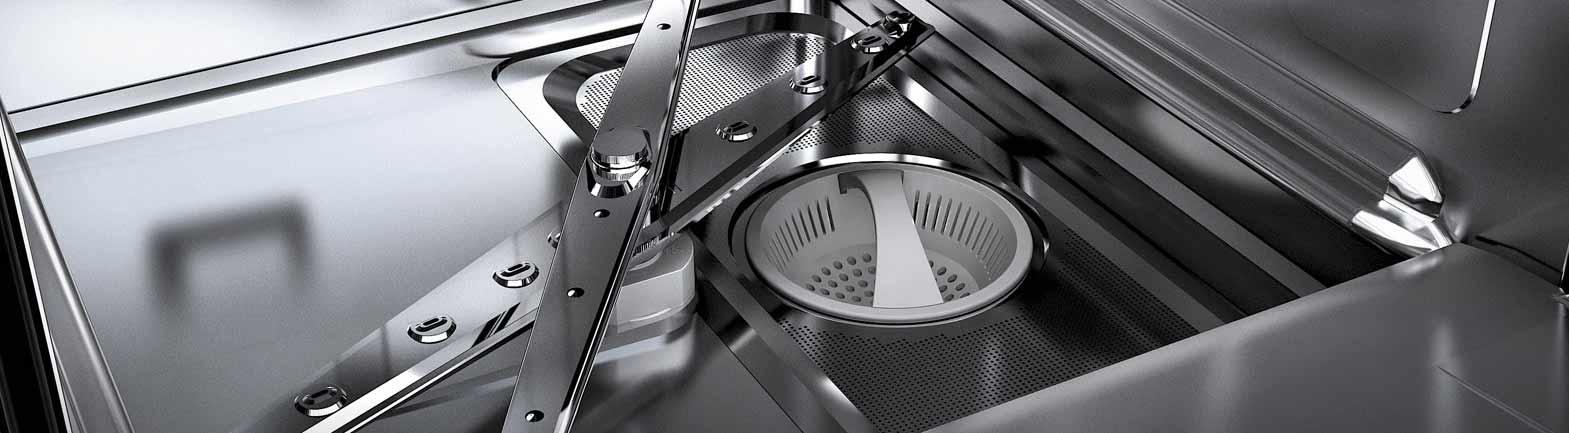 Nguyên lý hoạt động máy rửa chén công nghiệp